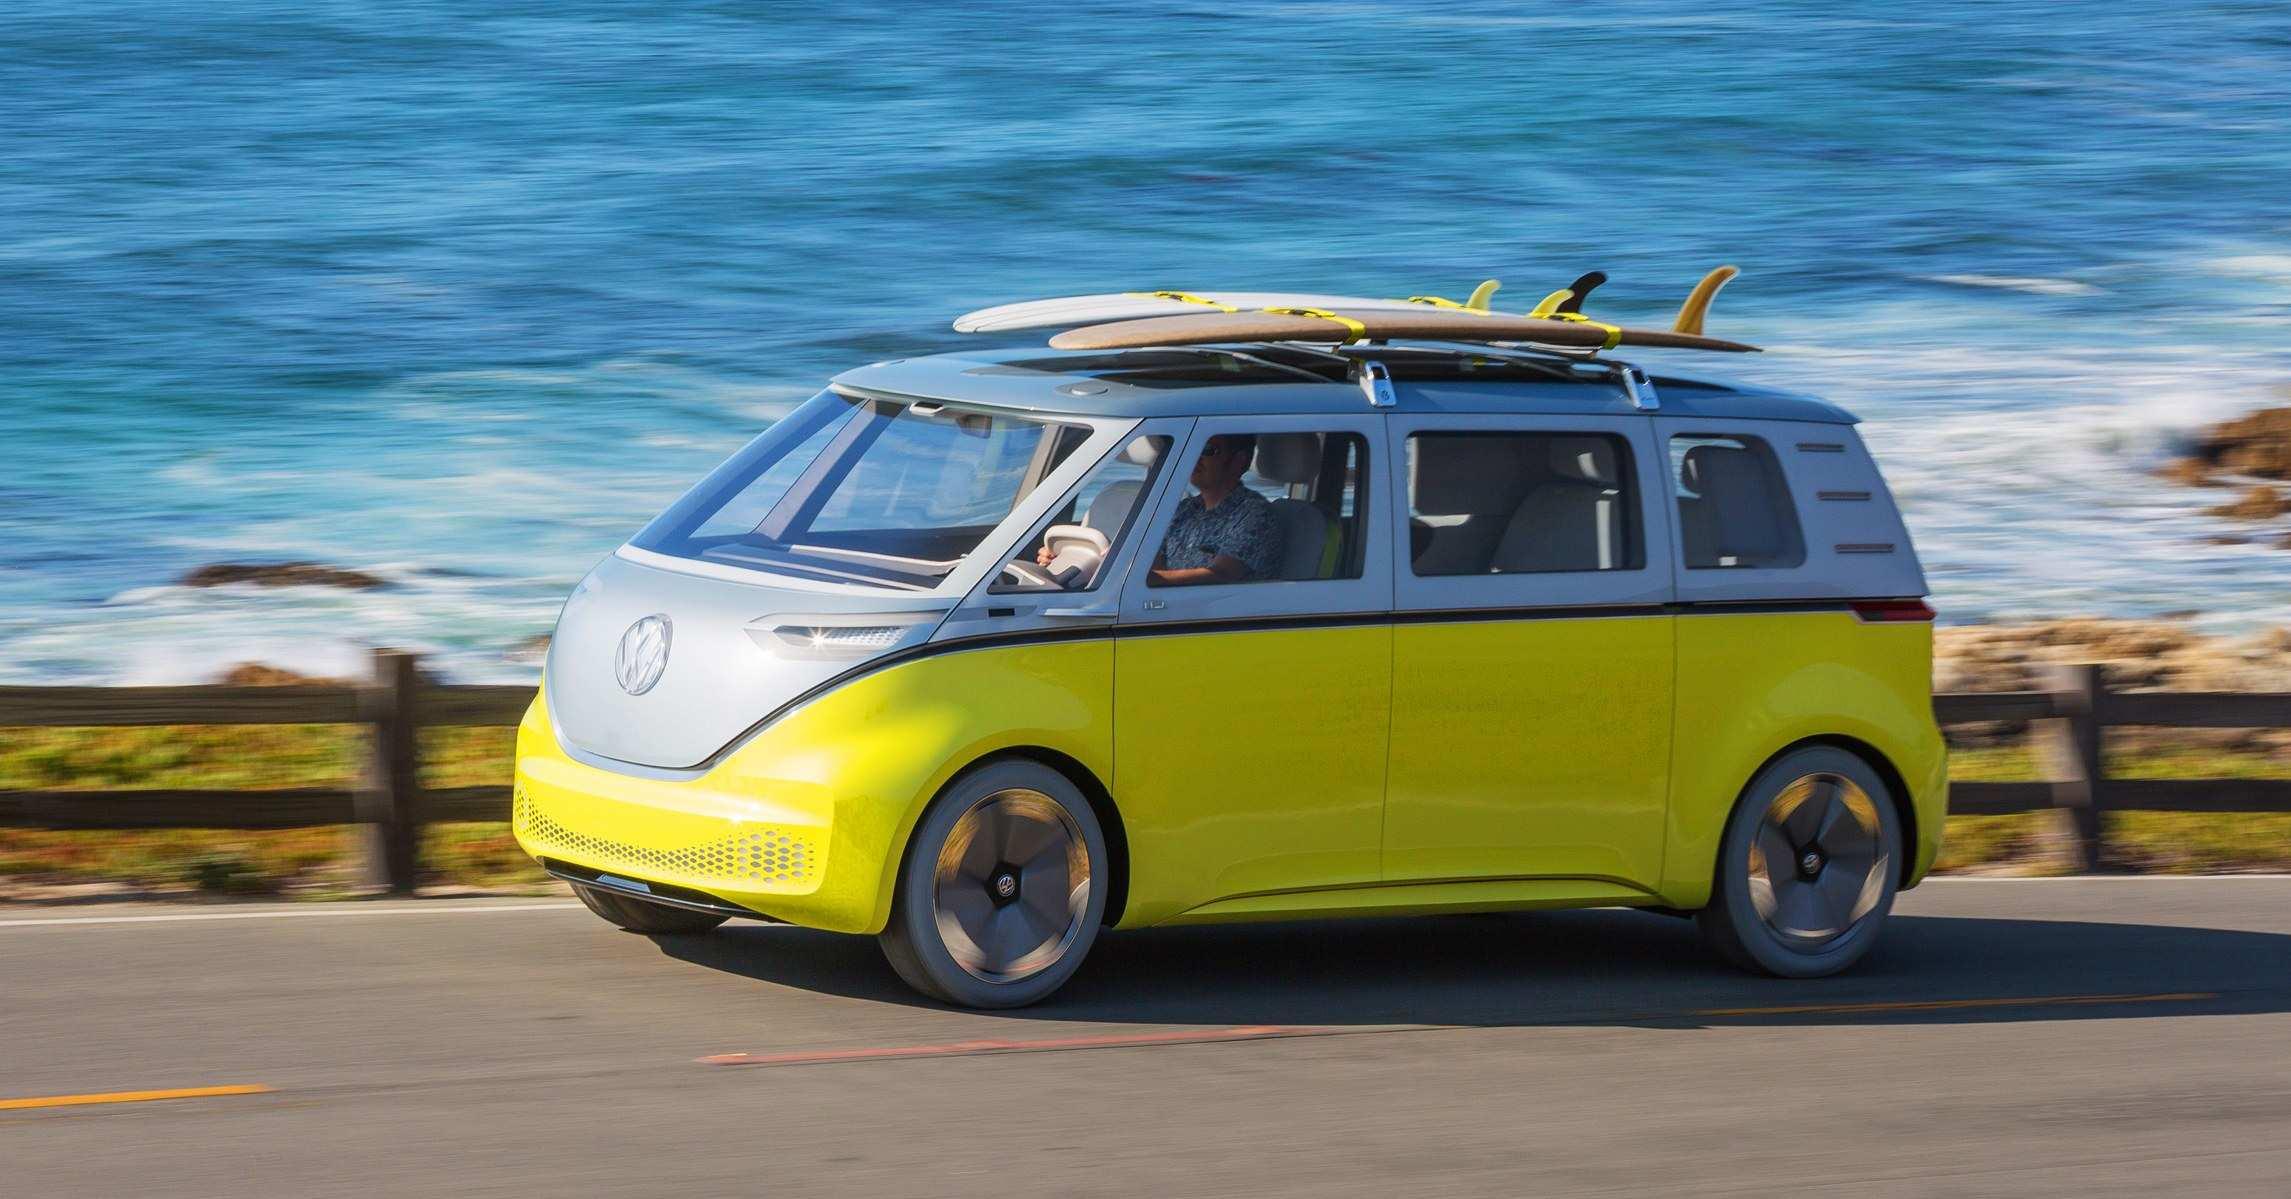 47 New 2020 Volkswagen Bus Price by 2020 Volkswagen Bus